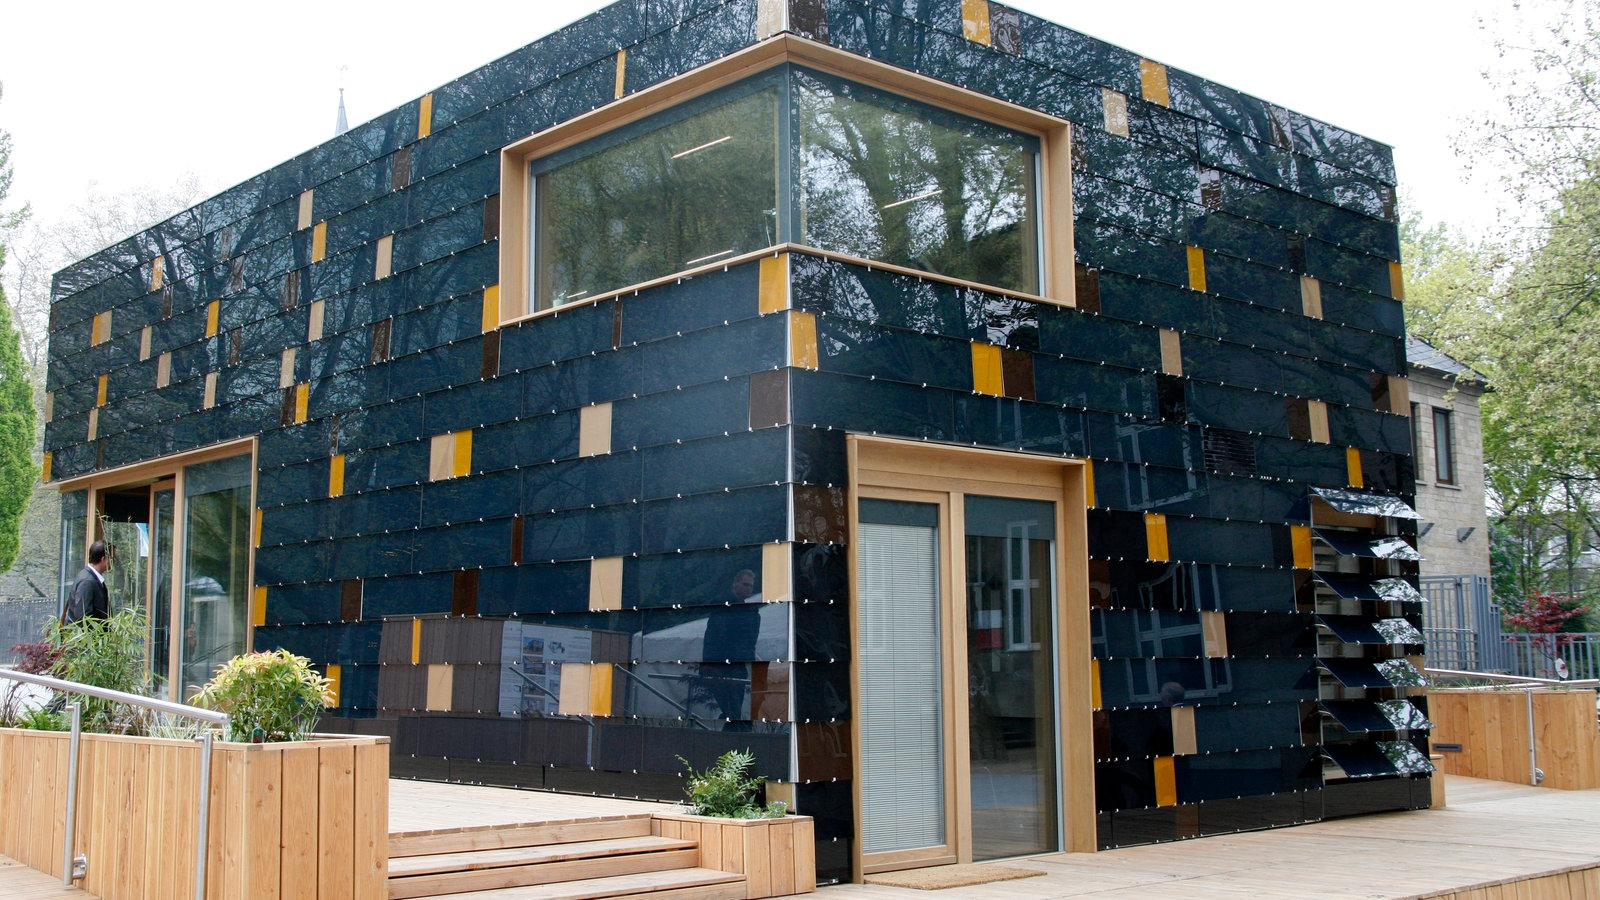 wohnen mit zukunft wohnen mit zukunft michaelamuchina wohnen mit zukunft grossmatte luzern. Black Bedroom Furniture Sets. Home Design Ideas